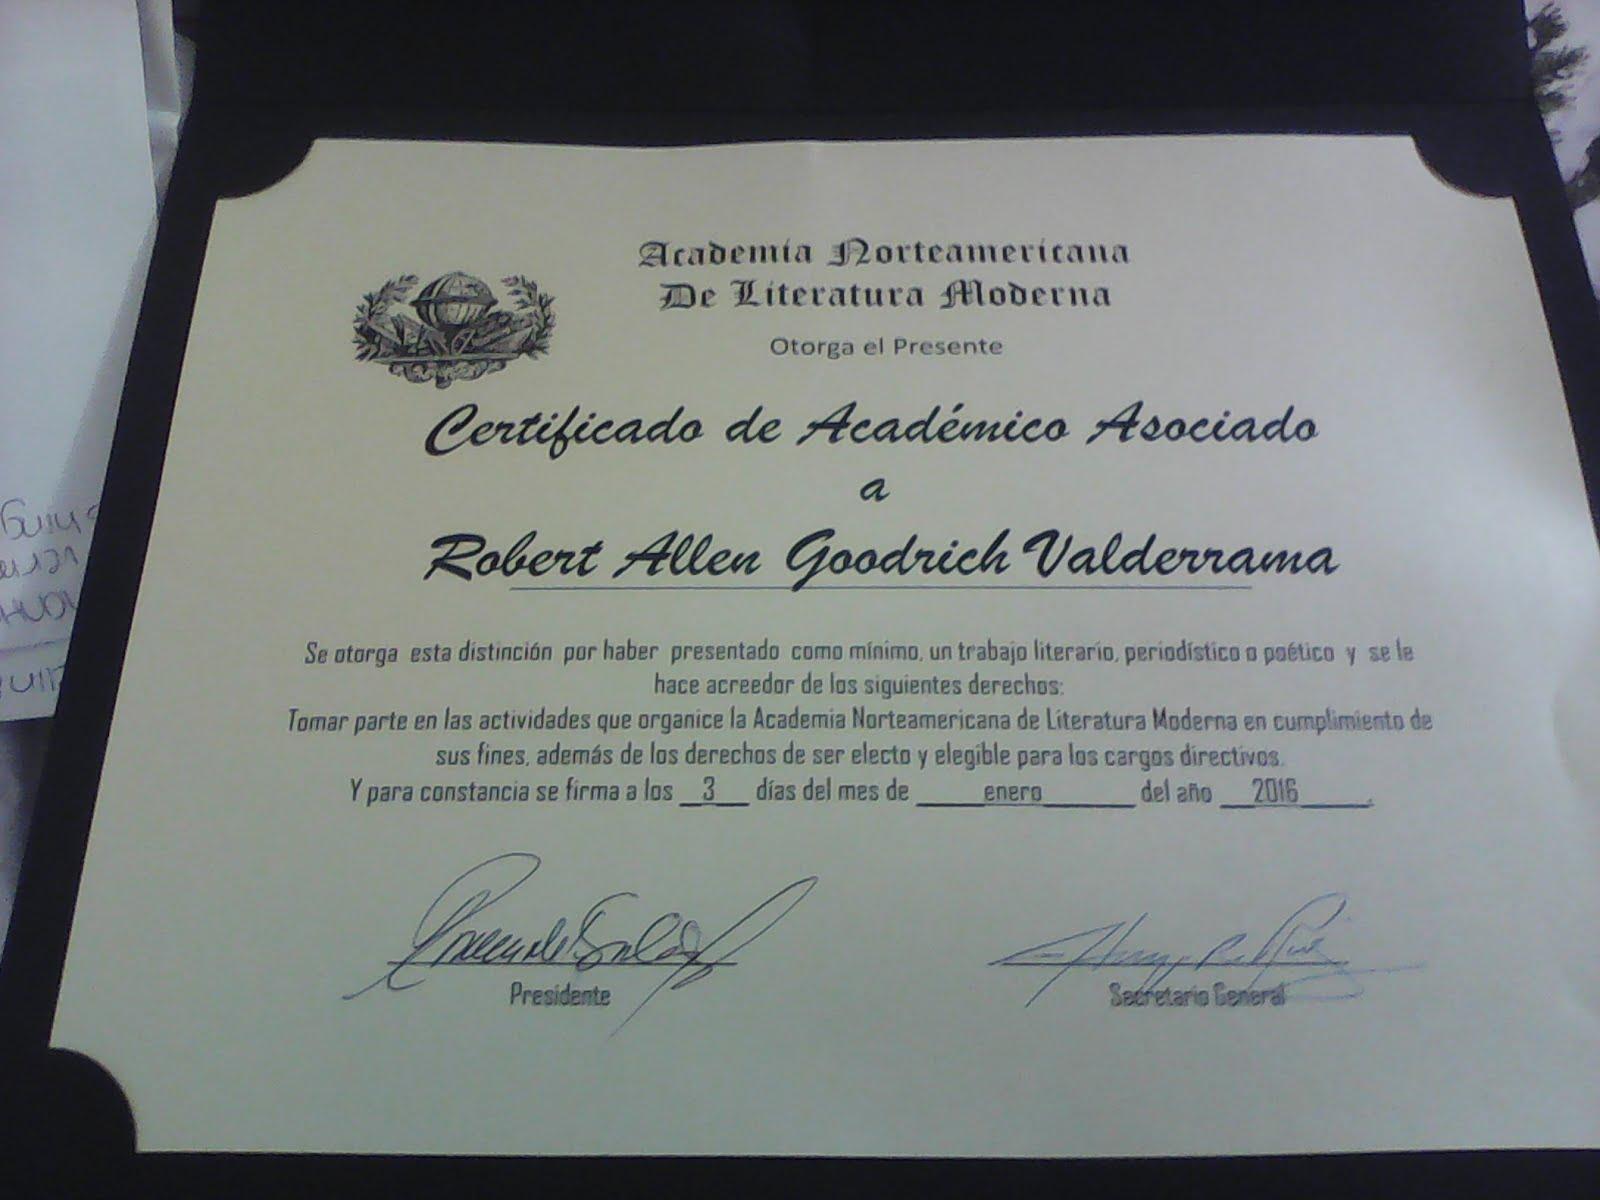 Academia Norteamericana de Literatura Moderna USA